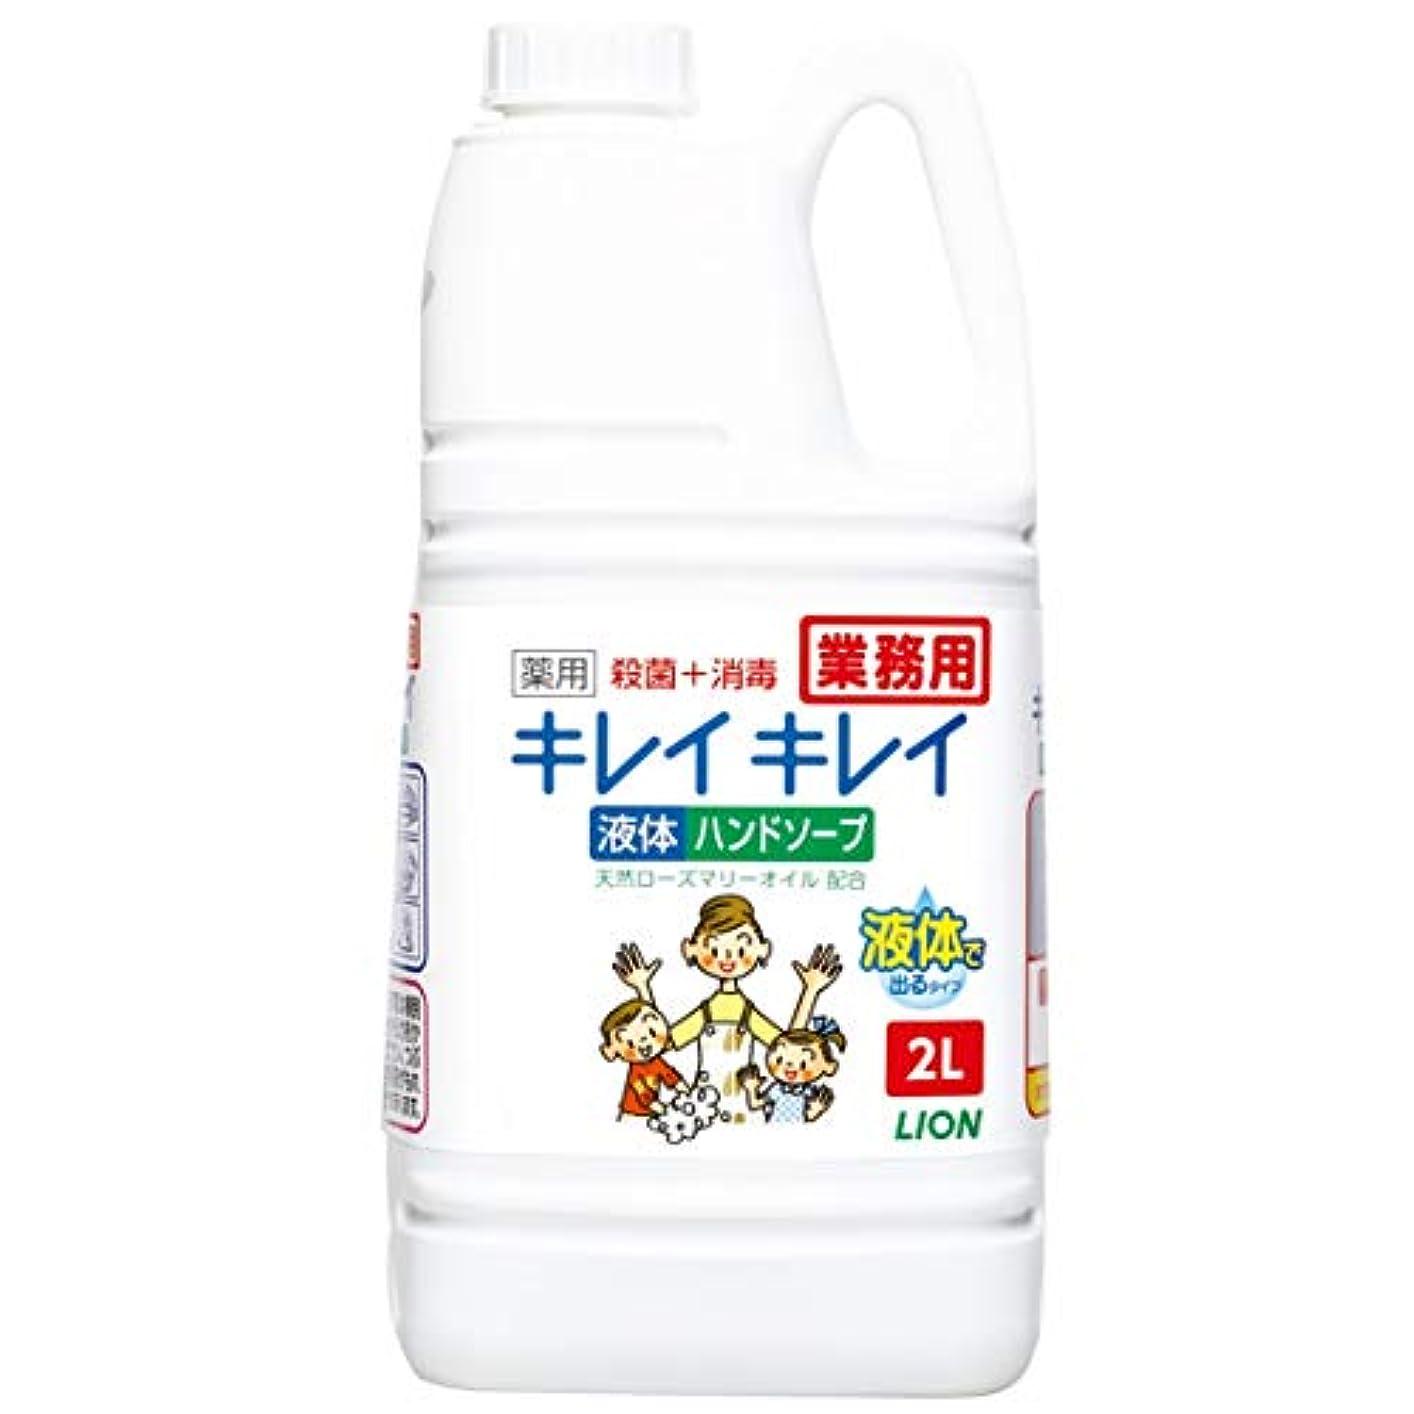 アイデア炭素起訴する【業務用 大容量】キレイキレイ 薬用 ハンドソープ 2L(医薬部外品)